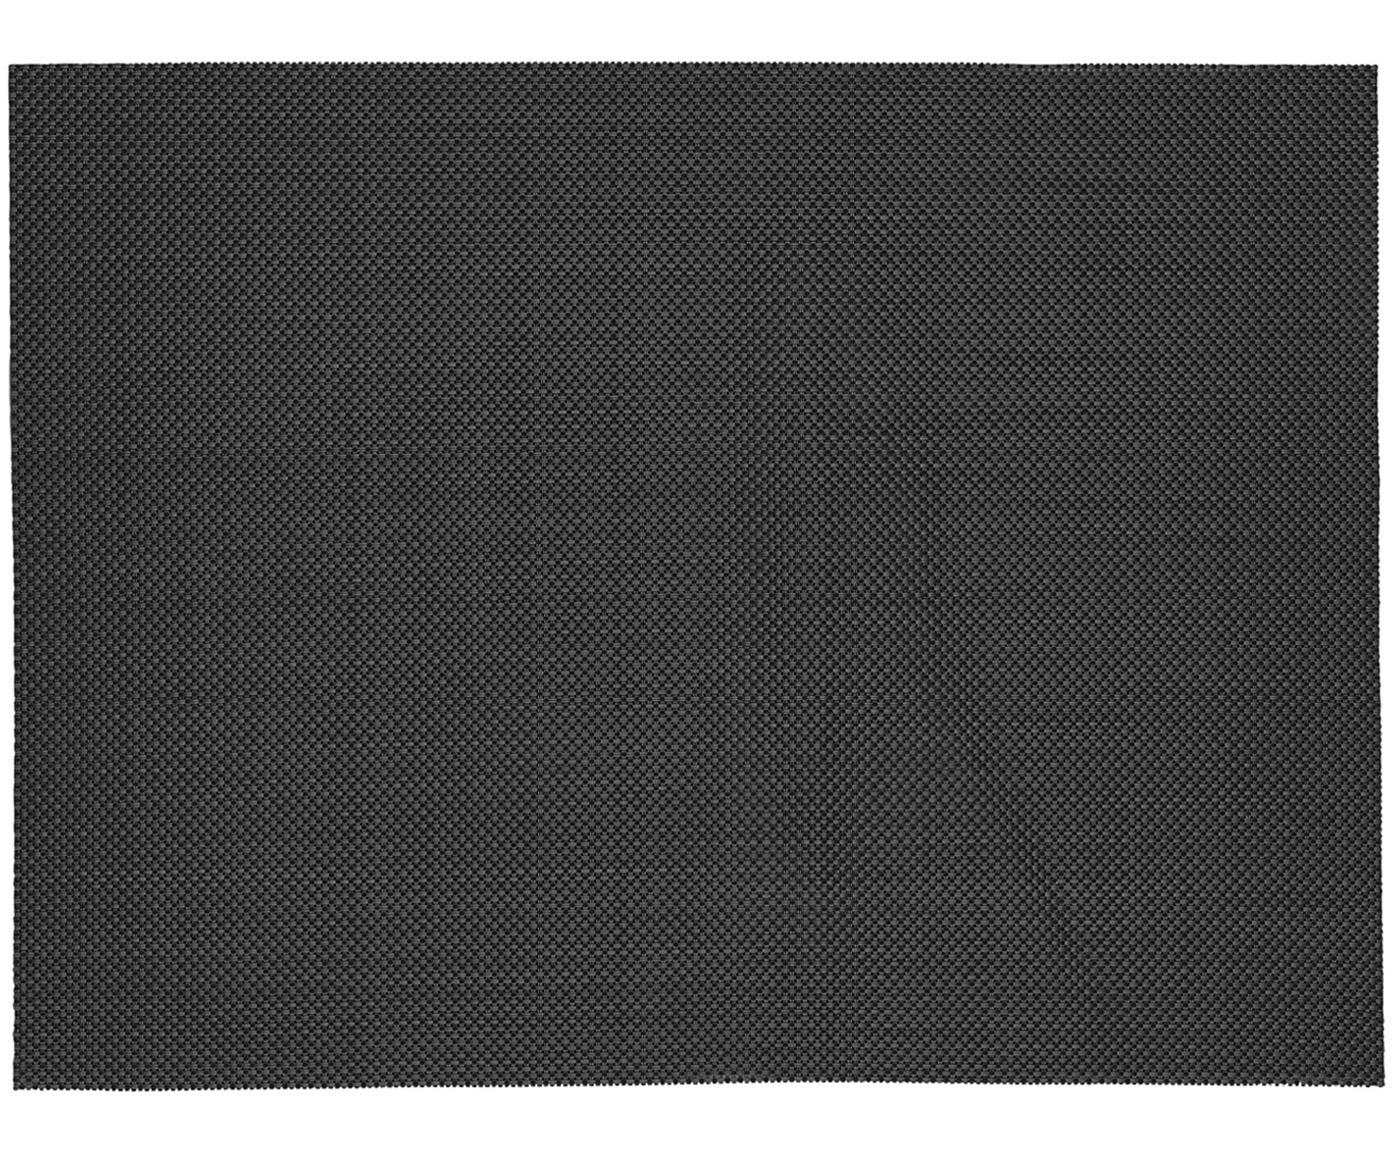 Kunststoff-Tischsets Mabra, 2 Stück, Kunststoff (PVC), Schwarz, 30 x 40 cm